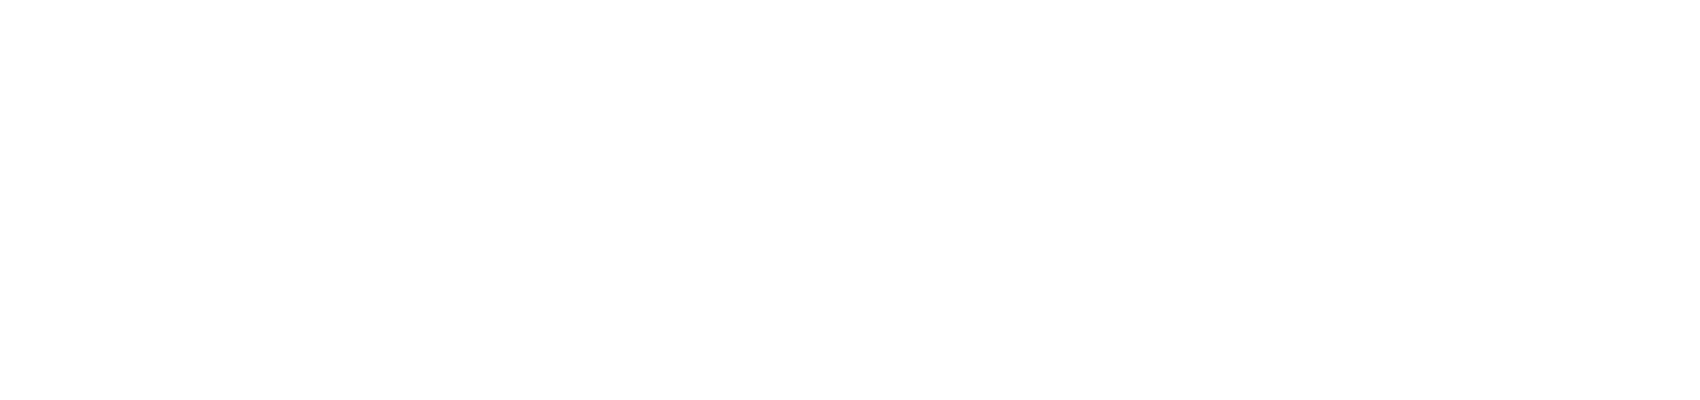 beyazarkaplan